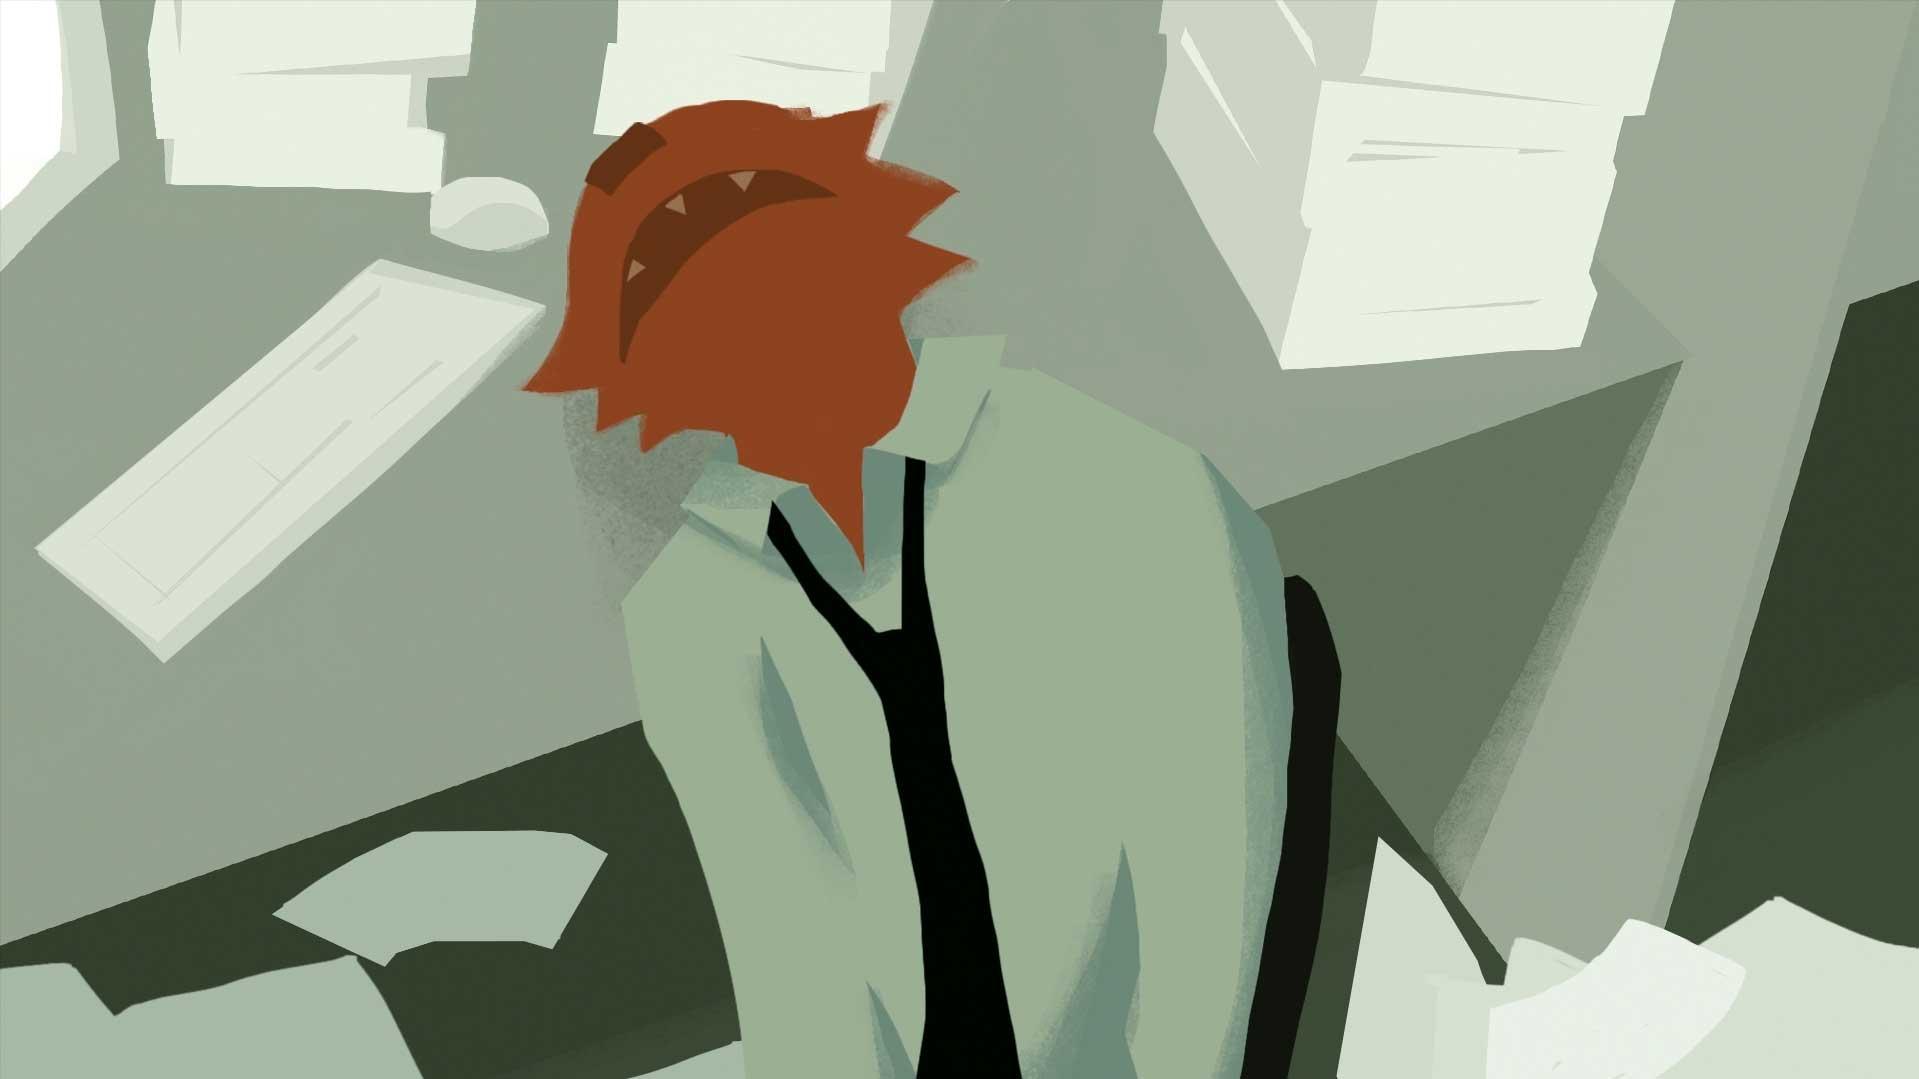 Animacija_KoljaSaksida_Dup2_MihaReja_ZaZaprtimiRoletami_Still_03